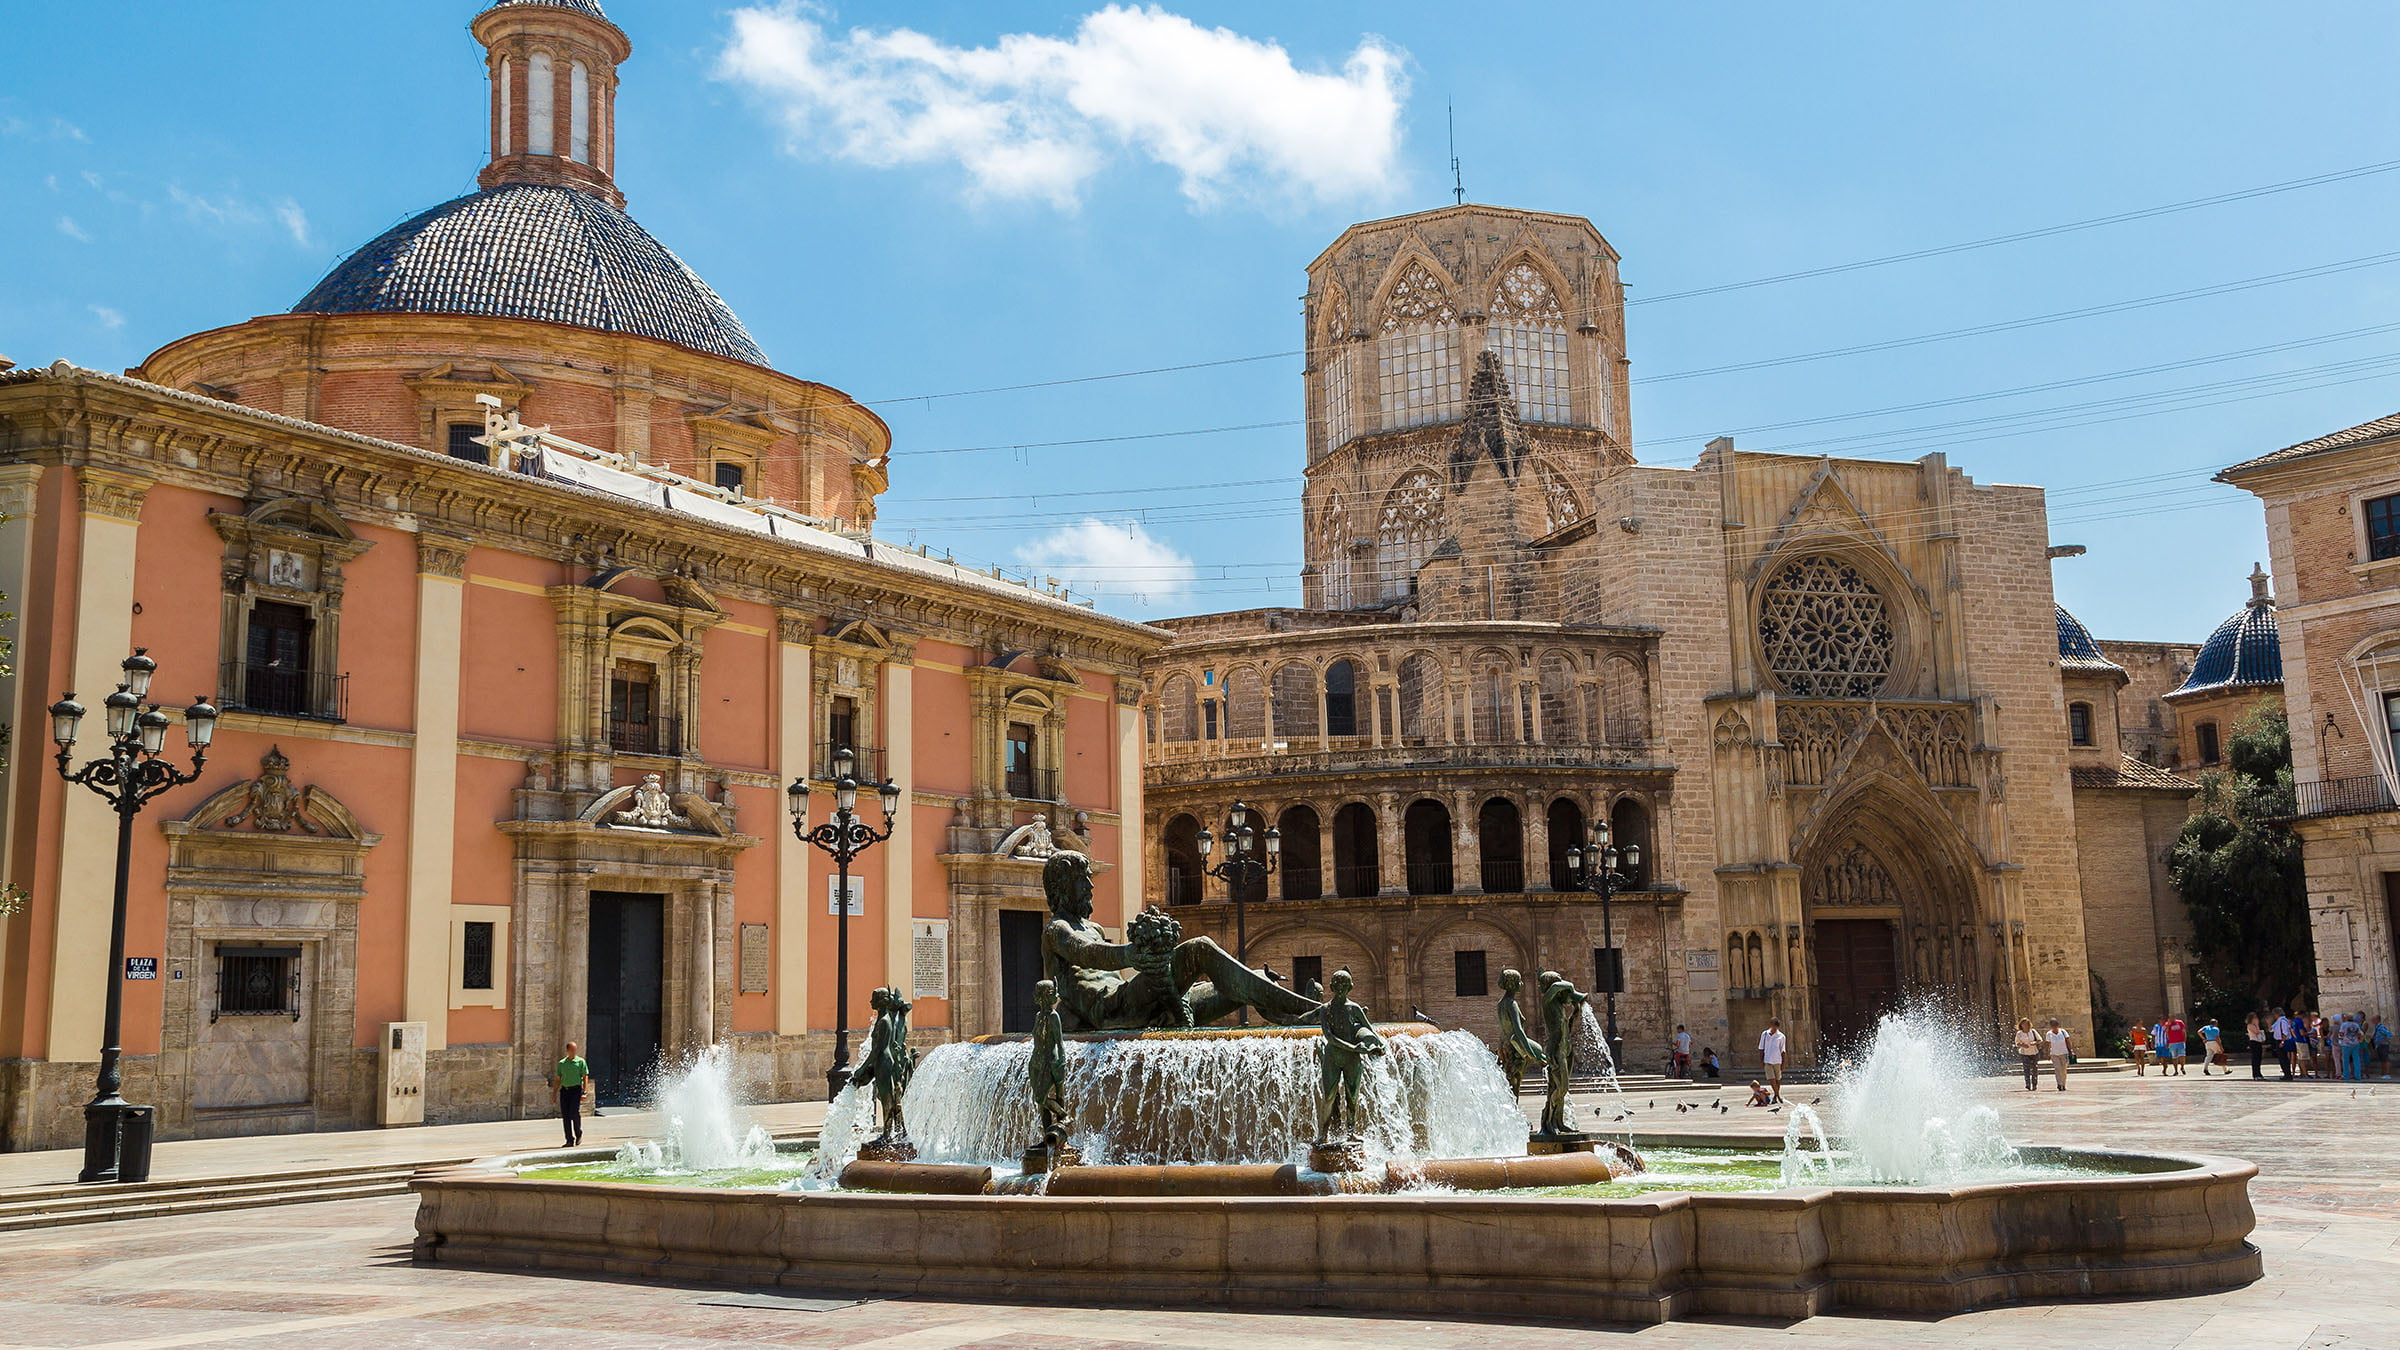 Buen clima de Valencia